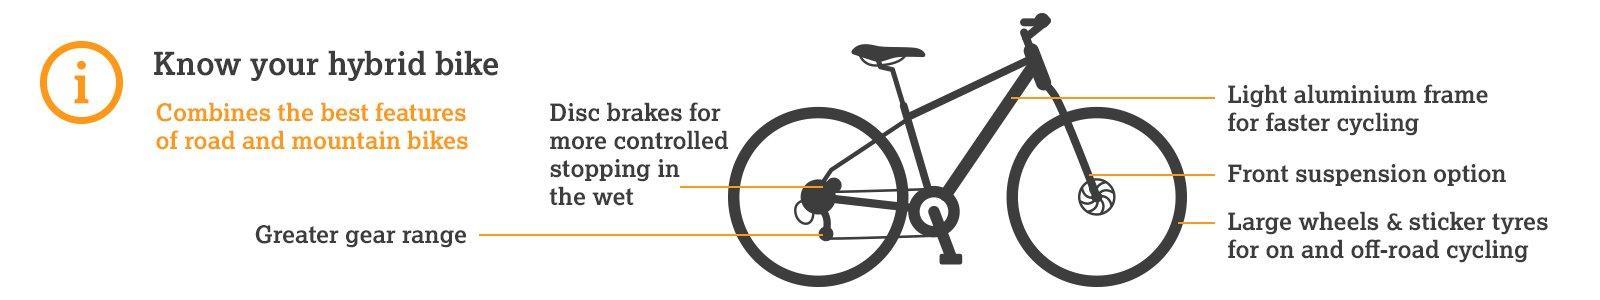 Know your hybrid bike